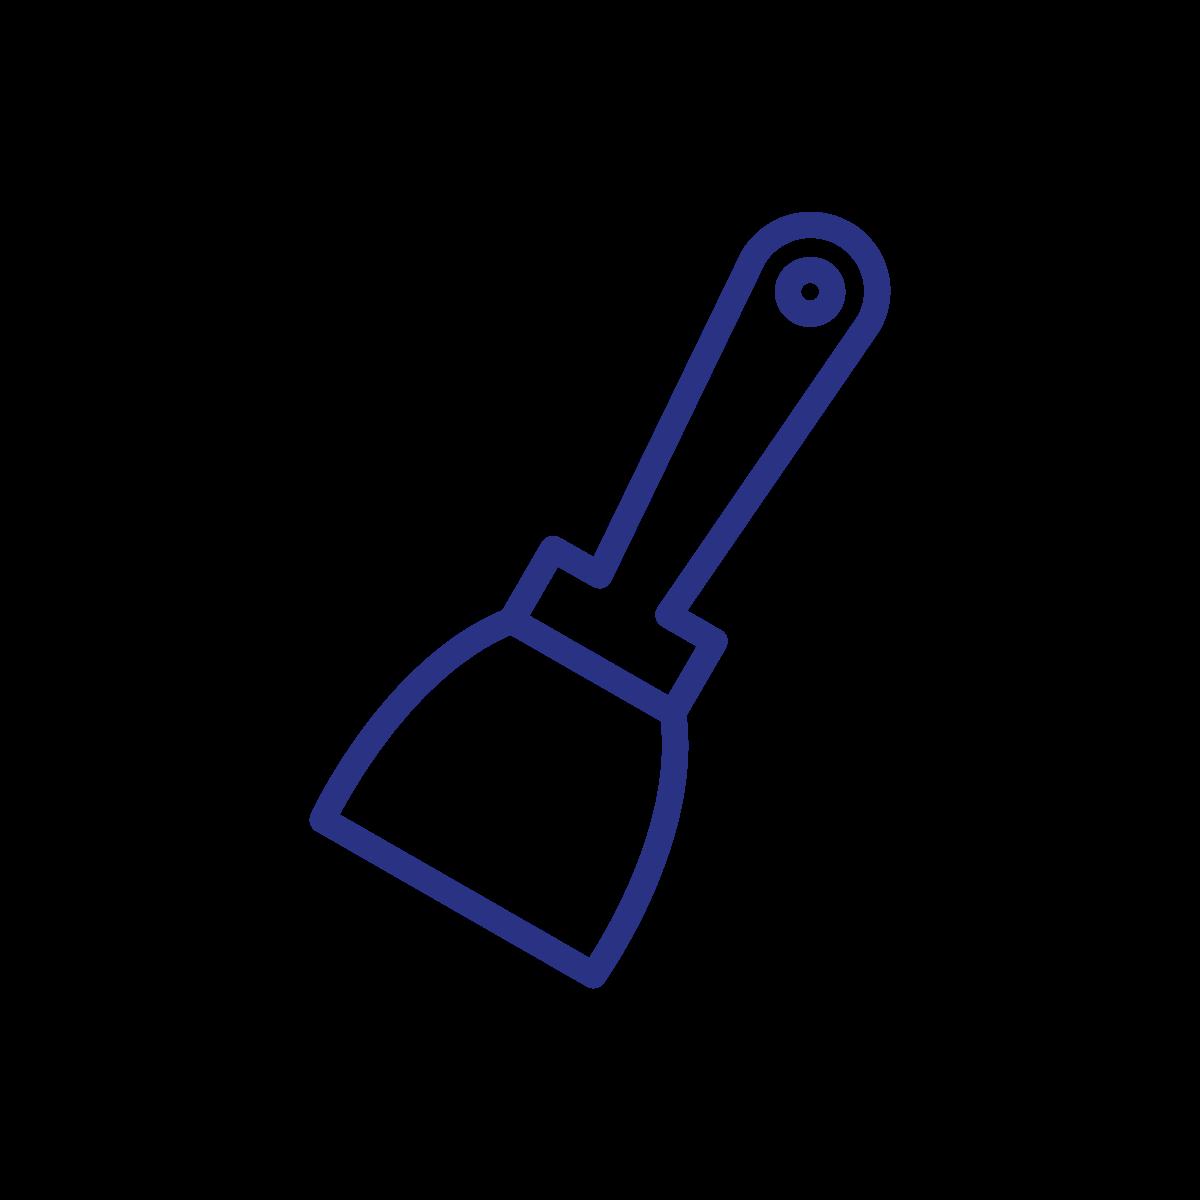 icon-scraper